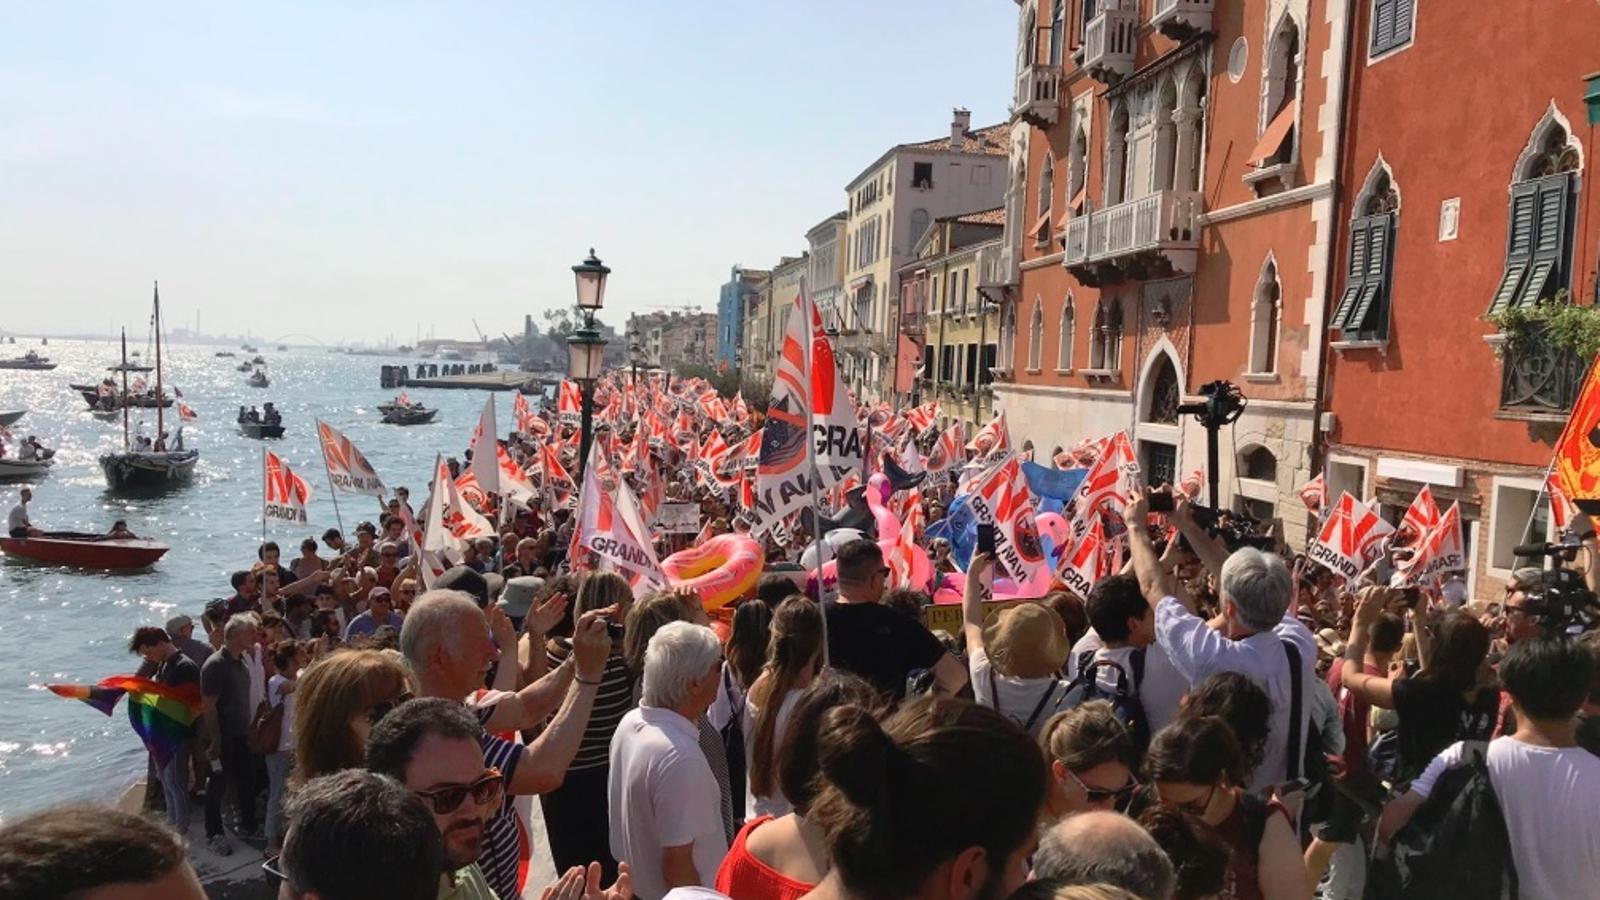 Protesta masiva a Venecia contra els megacreuers